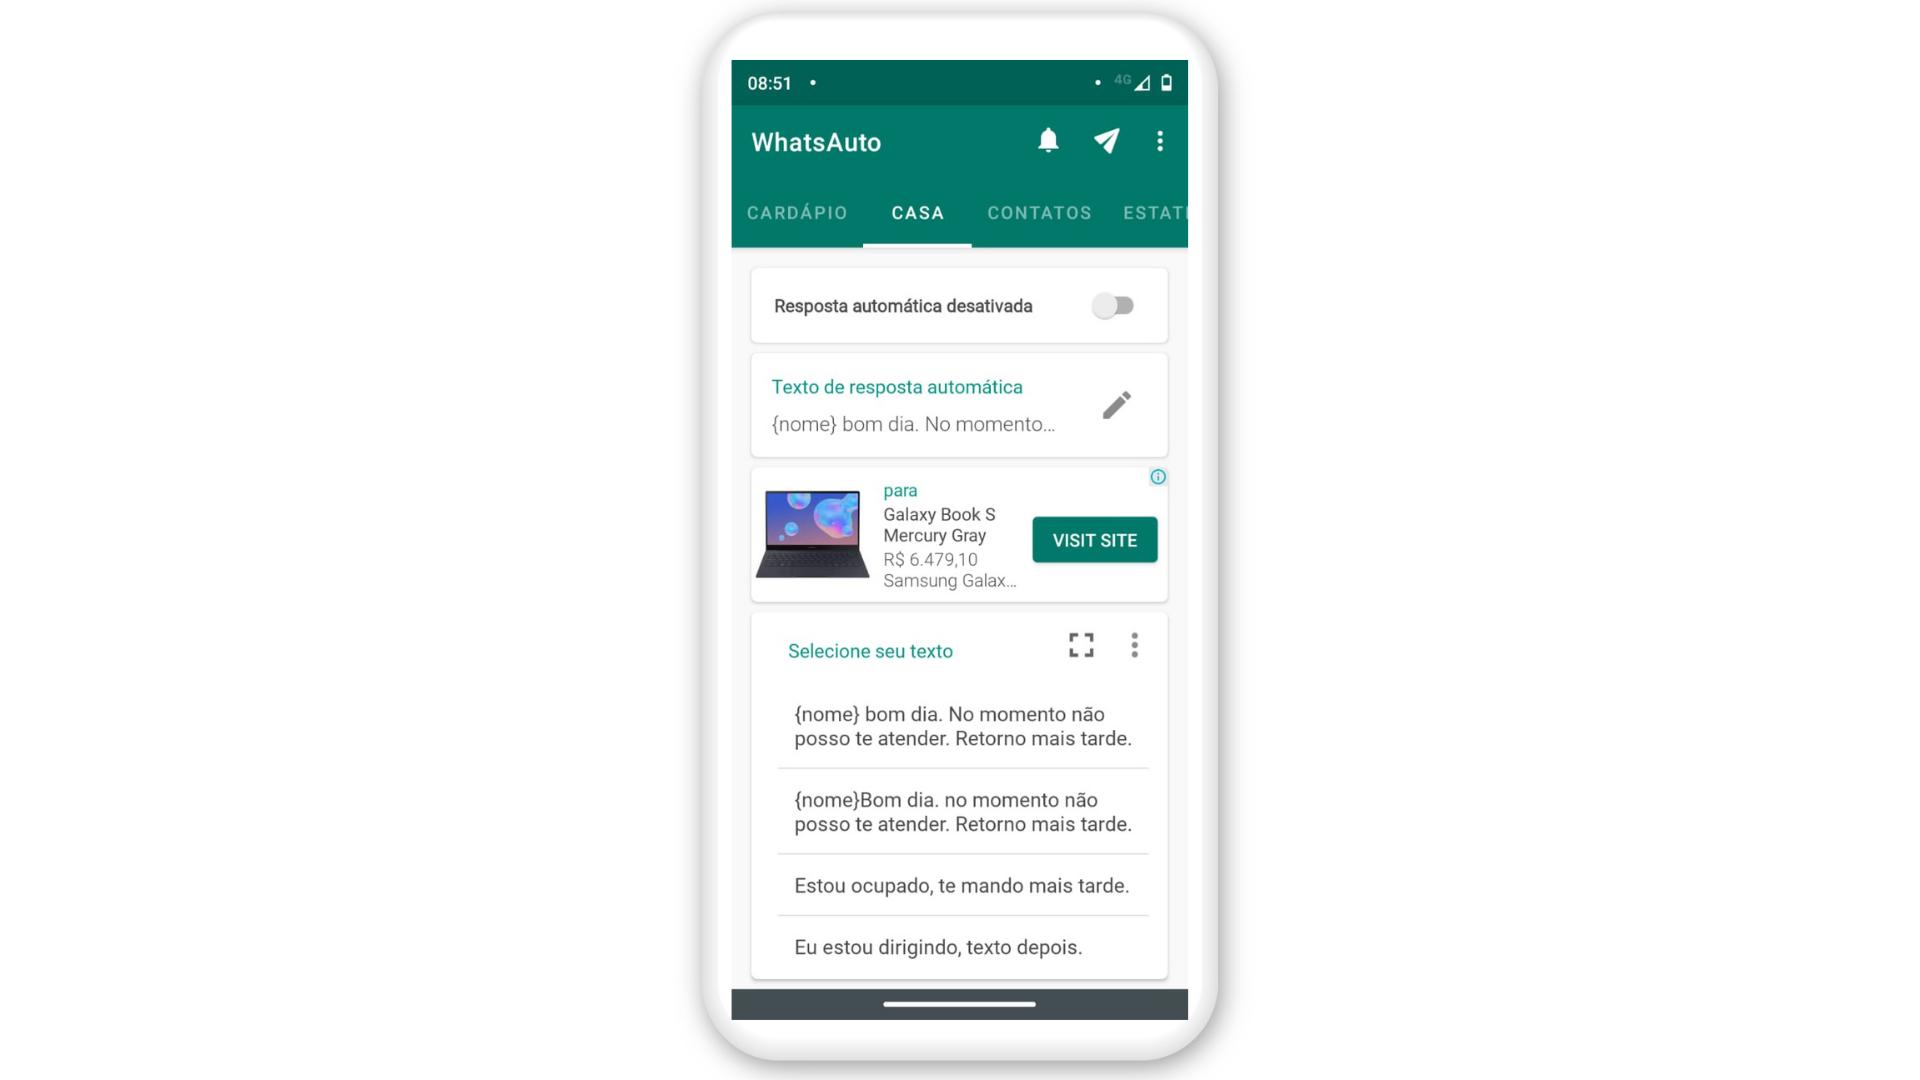 Mensagem automática WhatsApp: use o WhatsAuto para fazer (Foto: Arte / Zoom)